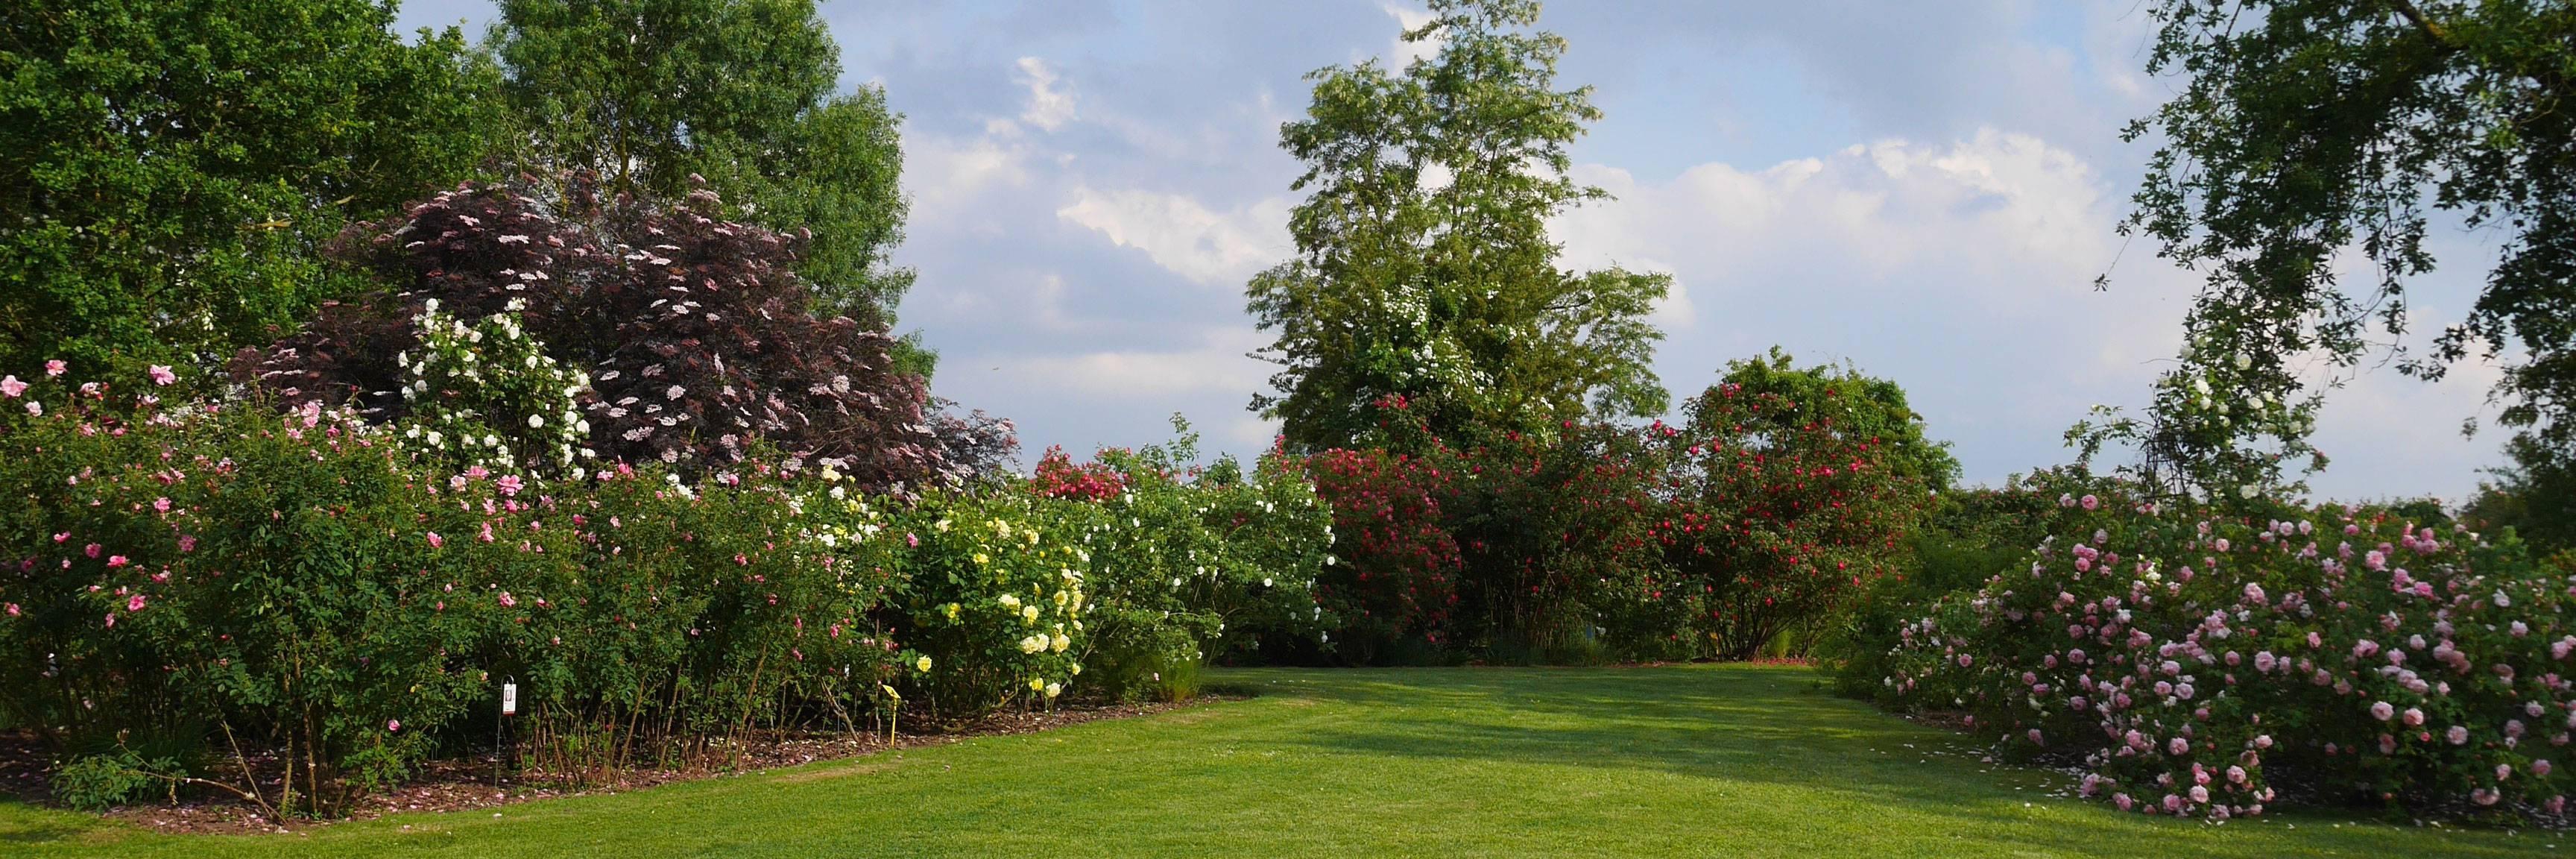 Visite en famille du jardin des roses de Doué-la-Fontaine